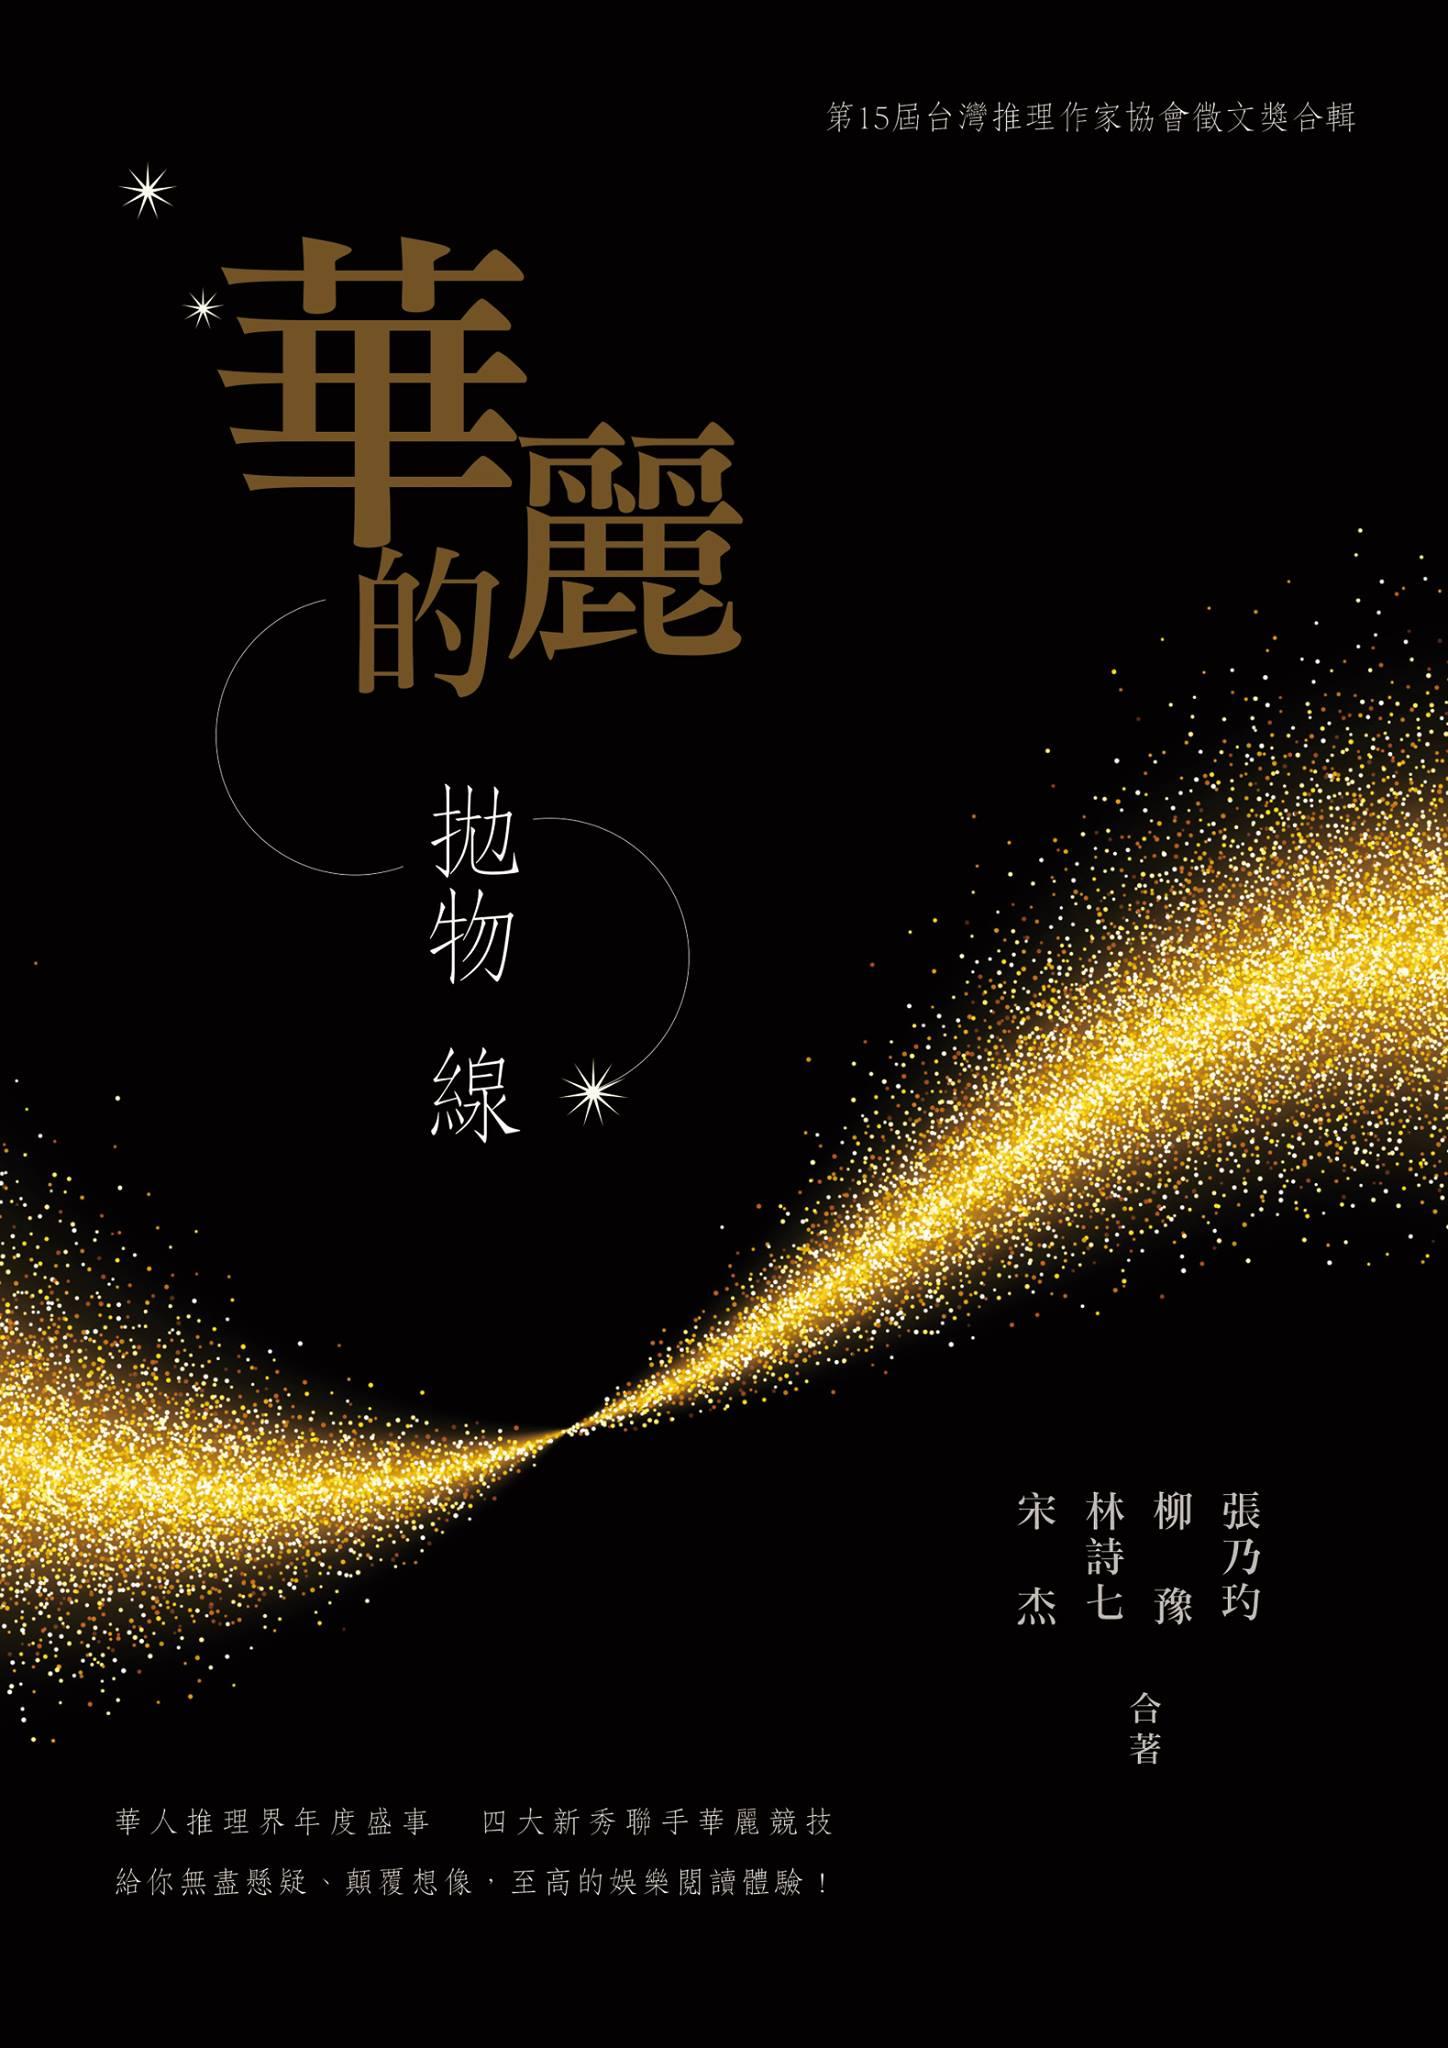 第十五屆台灣推理作家協會徵文獎-華麗的拋物線